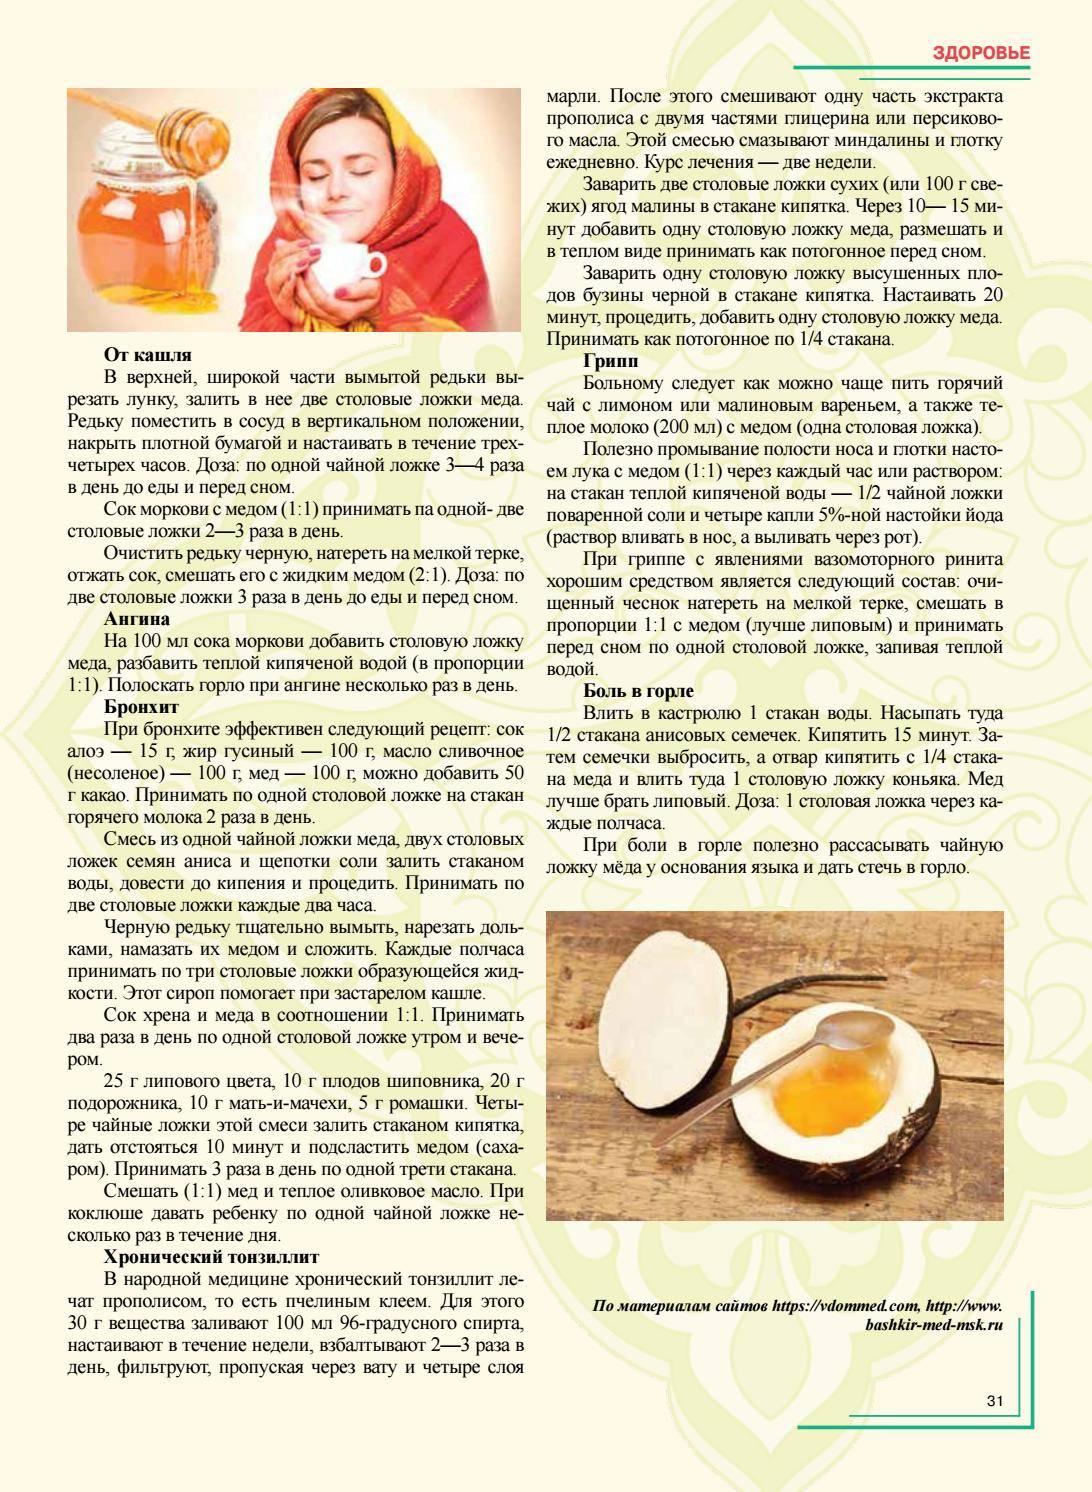 Алоэ при гастрите: польза, рецепты | компетентно о здоровье на ilive